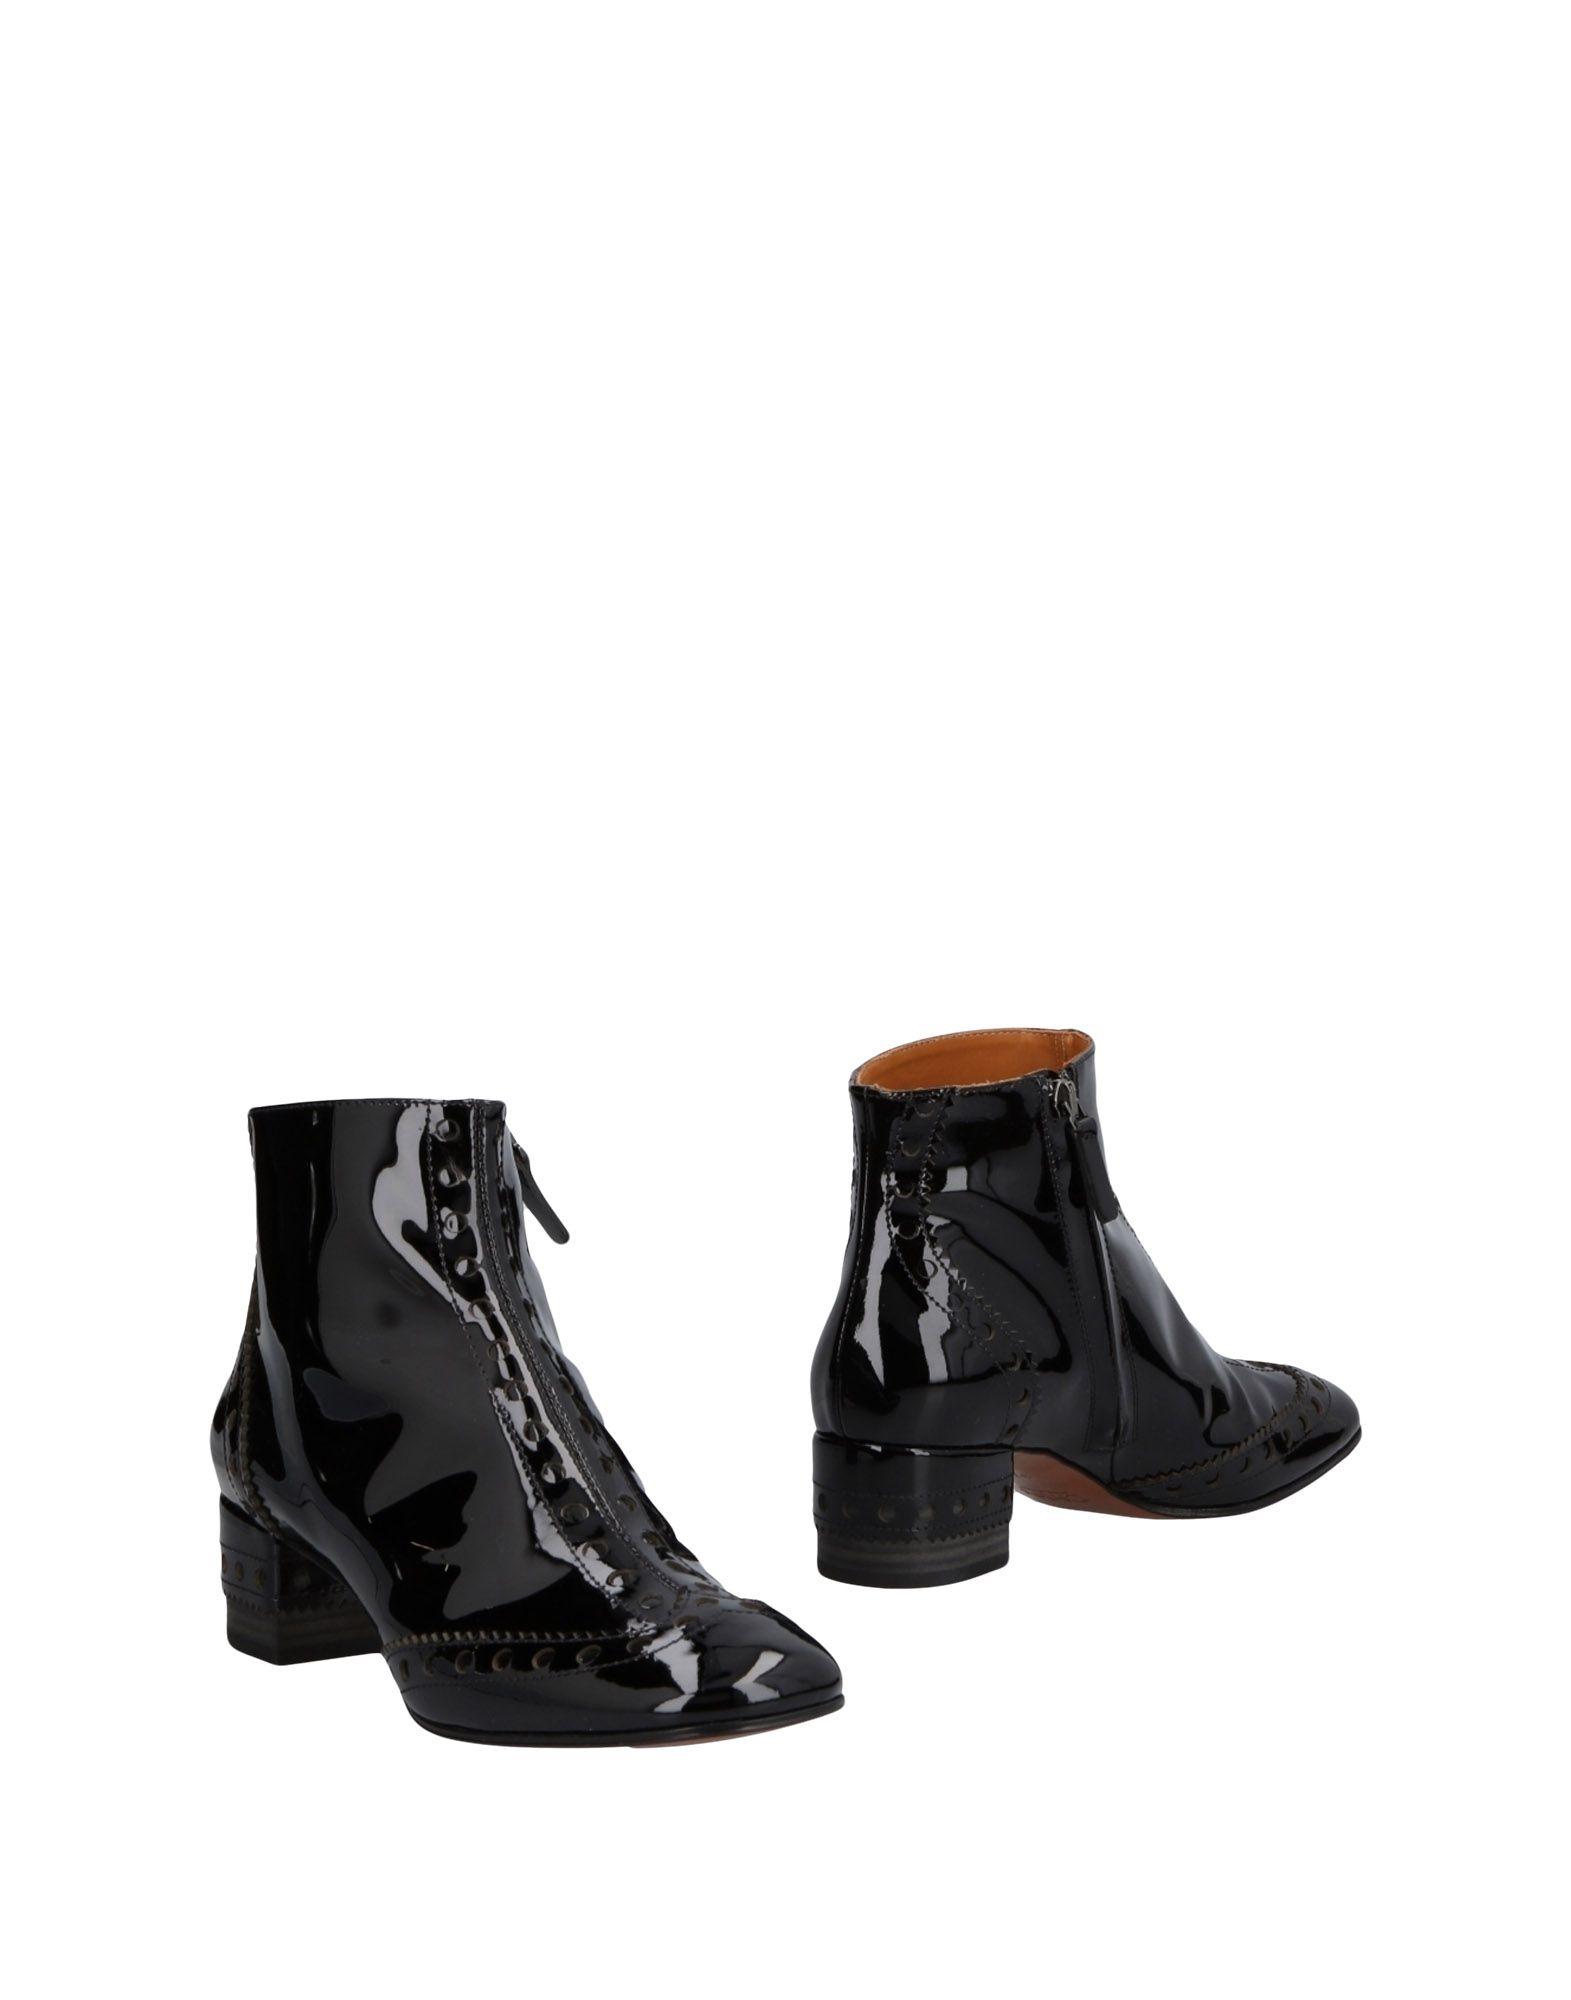 Chloé Stiefelette Damen  11485763HP Heiße Schuhe Schuhe Schuhe d2187f